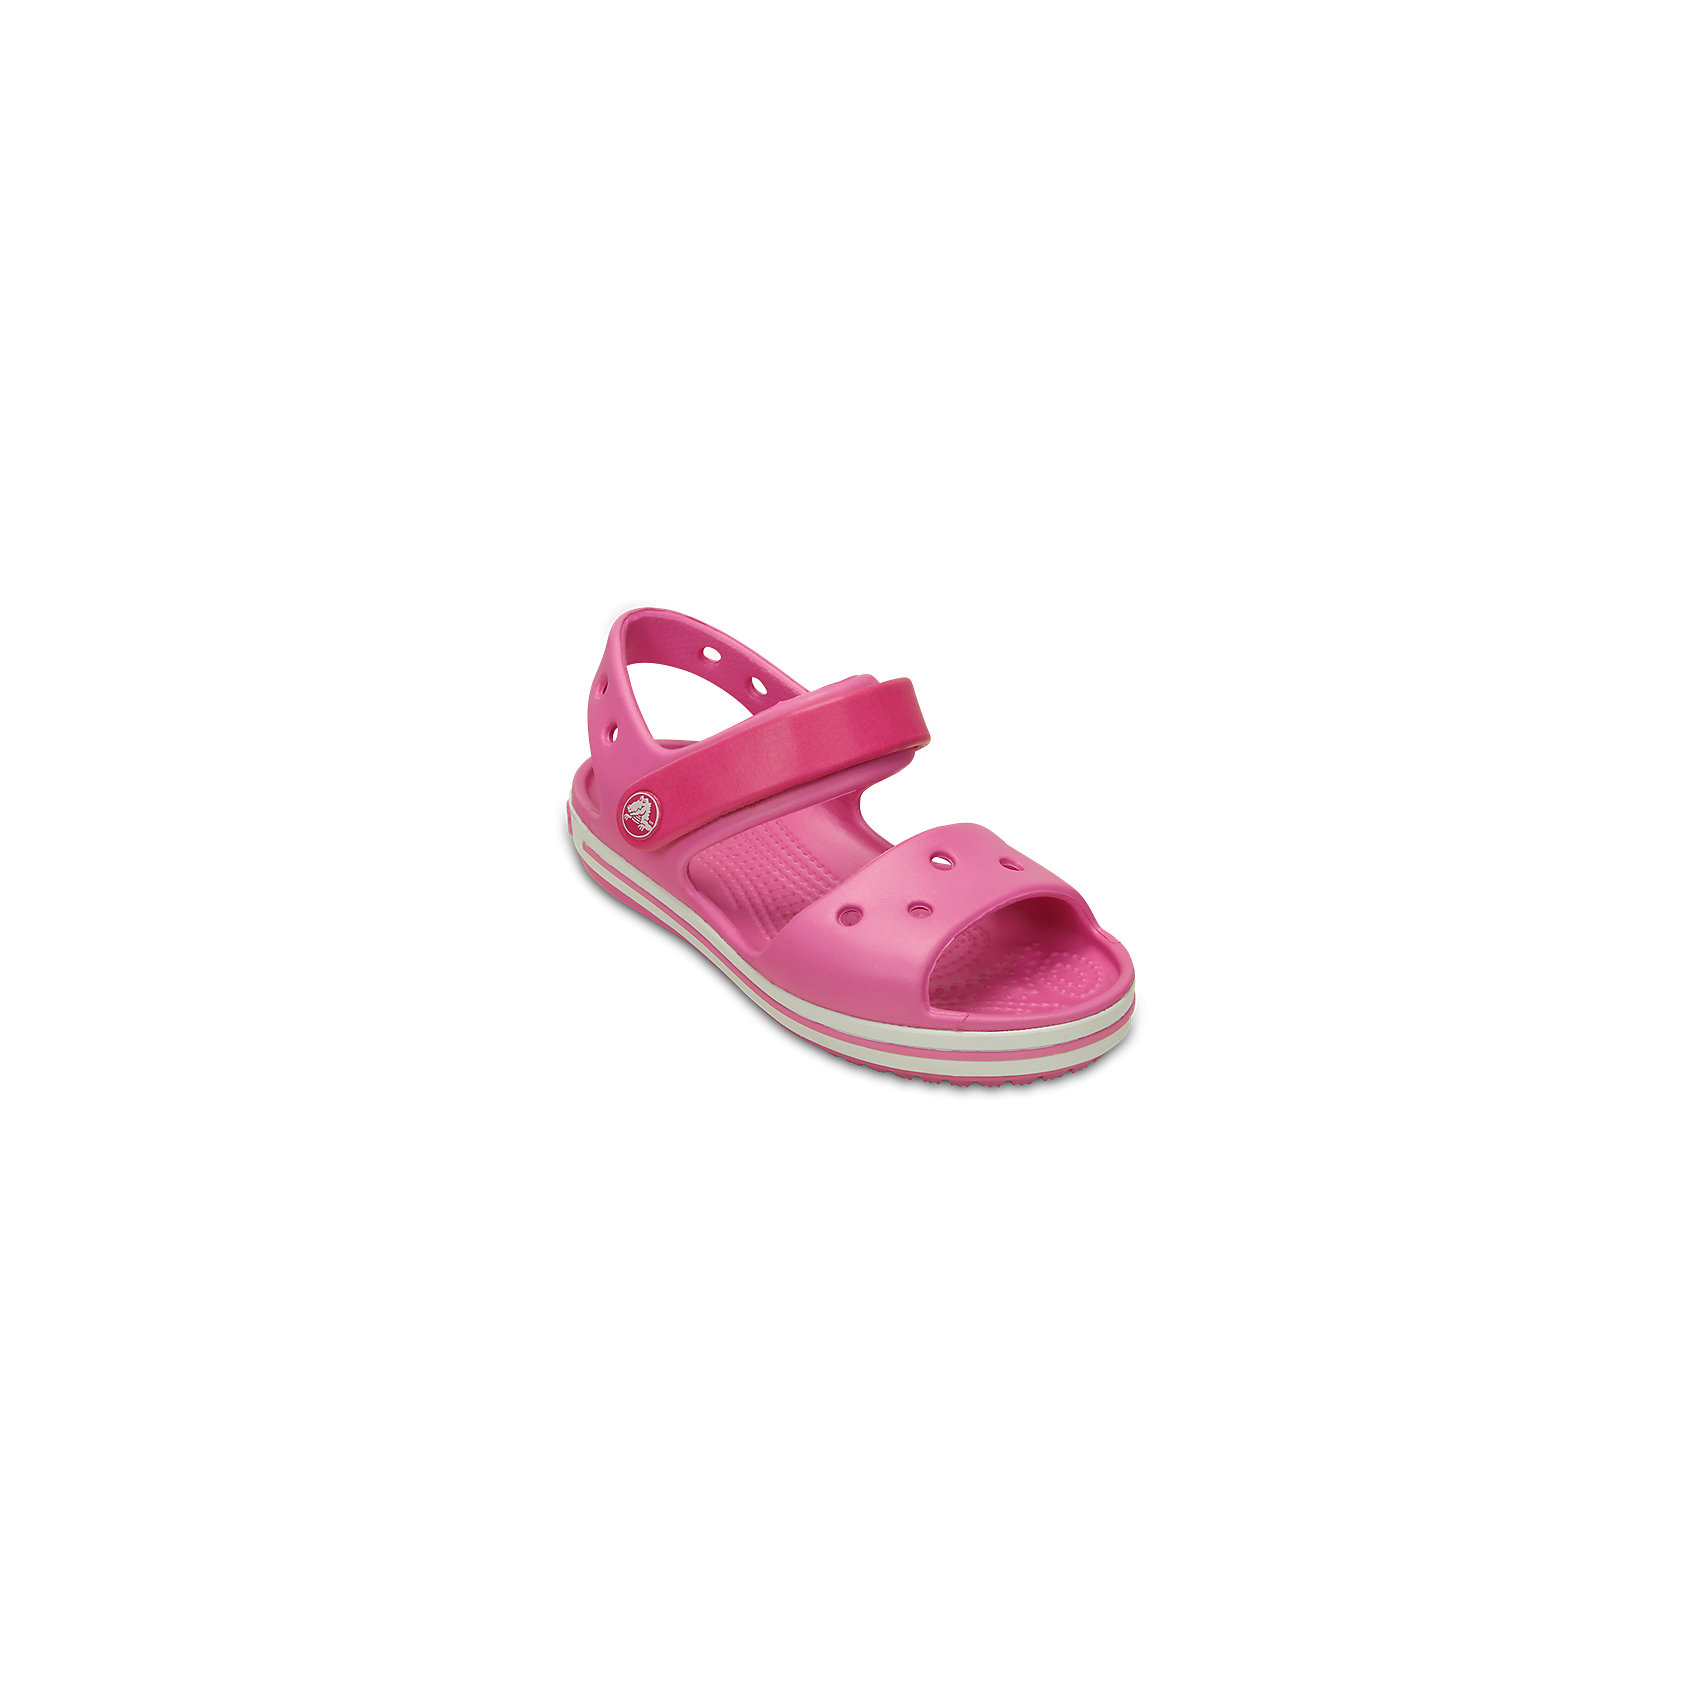 Сандалии Crocband™ Sandal Kids для девочки CrocsПляжная обувь<br>Характеристики товара:<br><br>• цвет: розовый<br>• сезон: лето<br>• материал: 100% полимер Croslite™<br>• бактериостатичный материал<br>• ремешок фиксирует стопу<br>• антискользящая устойчивая подошва<br>• липучка<br>• анатомическая стелька с массажными точками<br>• страна бренда: США<br>• страна изготовитель: Китай<br><br>Для правильного развития ребенка крайне важно, чтобы обувь была удобной.<br><br>Такие сандалии обеспечивают детям необходимый комфорт, а анатомическая стелька с массажными линиями для стимуляции кровообращения позволяет ножкам дольше не уставать. <br><br>Сандалии легко надеваются и снимаются, отлично сидят на ноге. <br><br>Материал, из которого они сделаны, не дает размножаться бактериям, поэтому такая обувь препятствует образованию неприятного запаха и появлению болезней стоп. <br><br>Обувь от американского бренда Crocs в данный момент завоевала широкую популярность во всем мире, и это не удивительно - ведь она невероятно удобна. <br><br>Сандалии Crocband™ Sandal Kids от торговой марки Crocs можно купить в нашем интернет-магазине.<br><br>Ширина мм: 219<br>Глубина мм: 154<br>Высота мм: 121<br>Вес г: 343<br>Цвет: розовый<br>Возраст от месяцев: 132<br>Возраст до месяцев: 144<br>Пол: Унисекс<br>Возраст: Детский<br>Размер: 34/35,27,28,29,30,21,22,23,24,25,26,31/32,33/34<br>SKU: 5416667